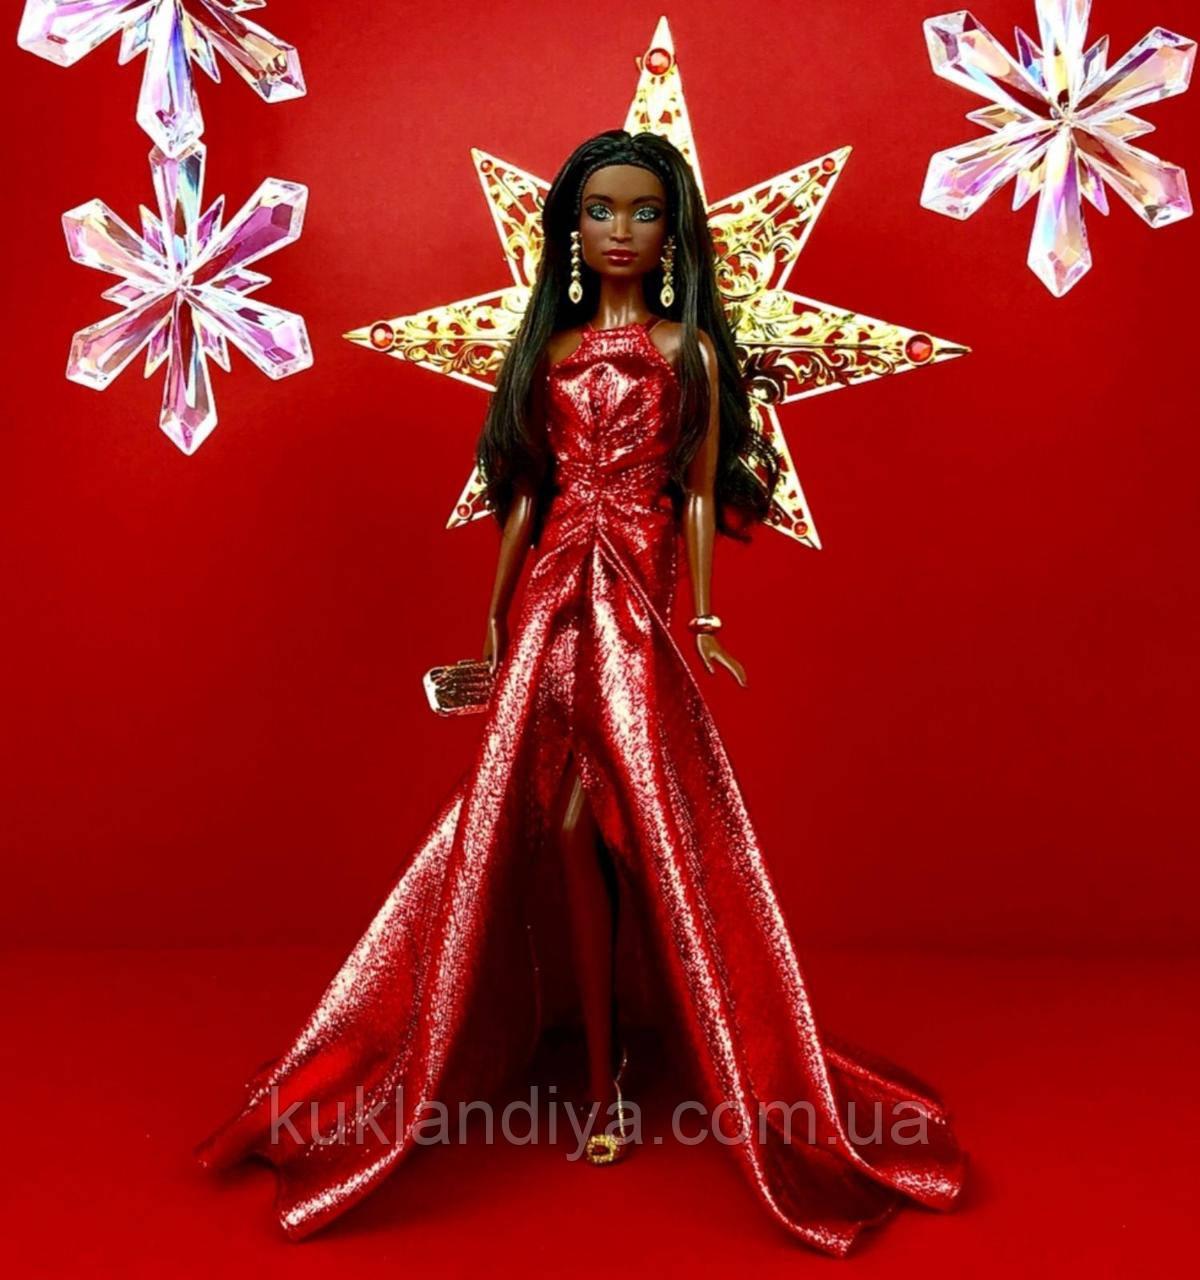 Коллекционная кукла Барби Никки Праздничная - 2017 Holiday Barbie Nikki